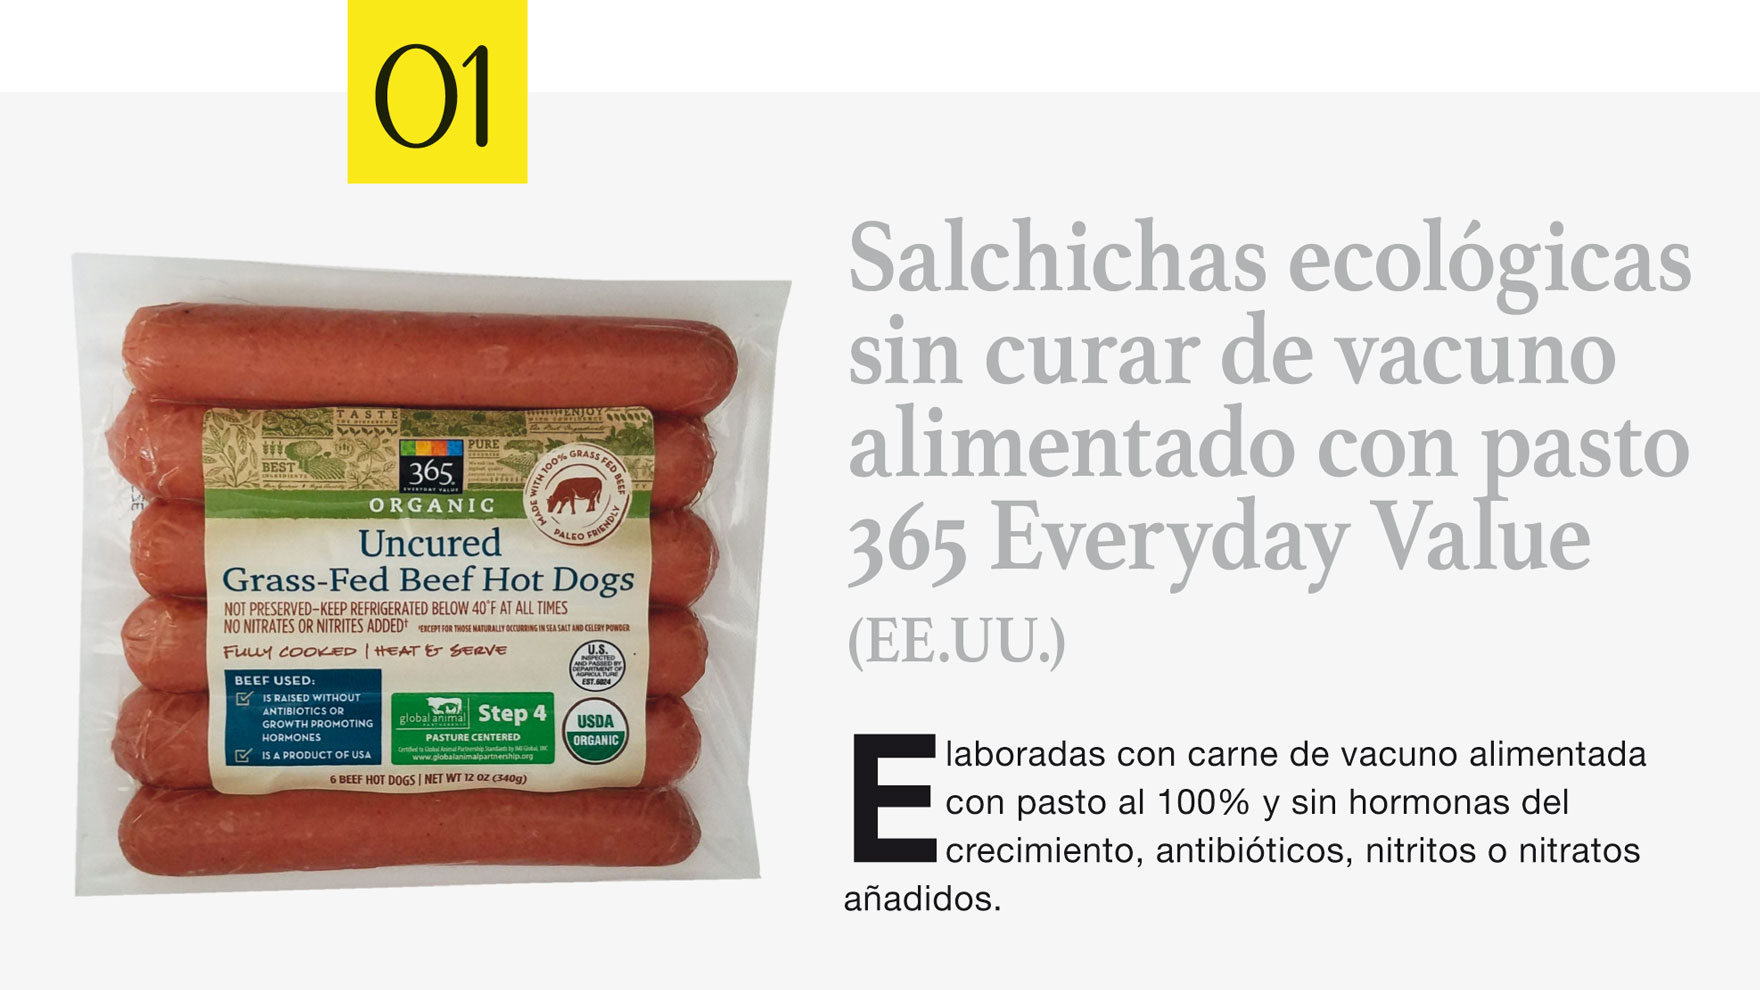 Salchichas ecológicas sin curar de vacuno alimentado con pasto 365 Everyday Value (EE.UU.)